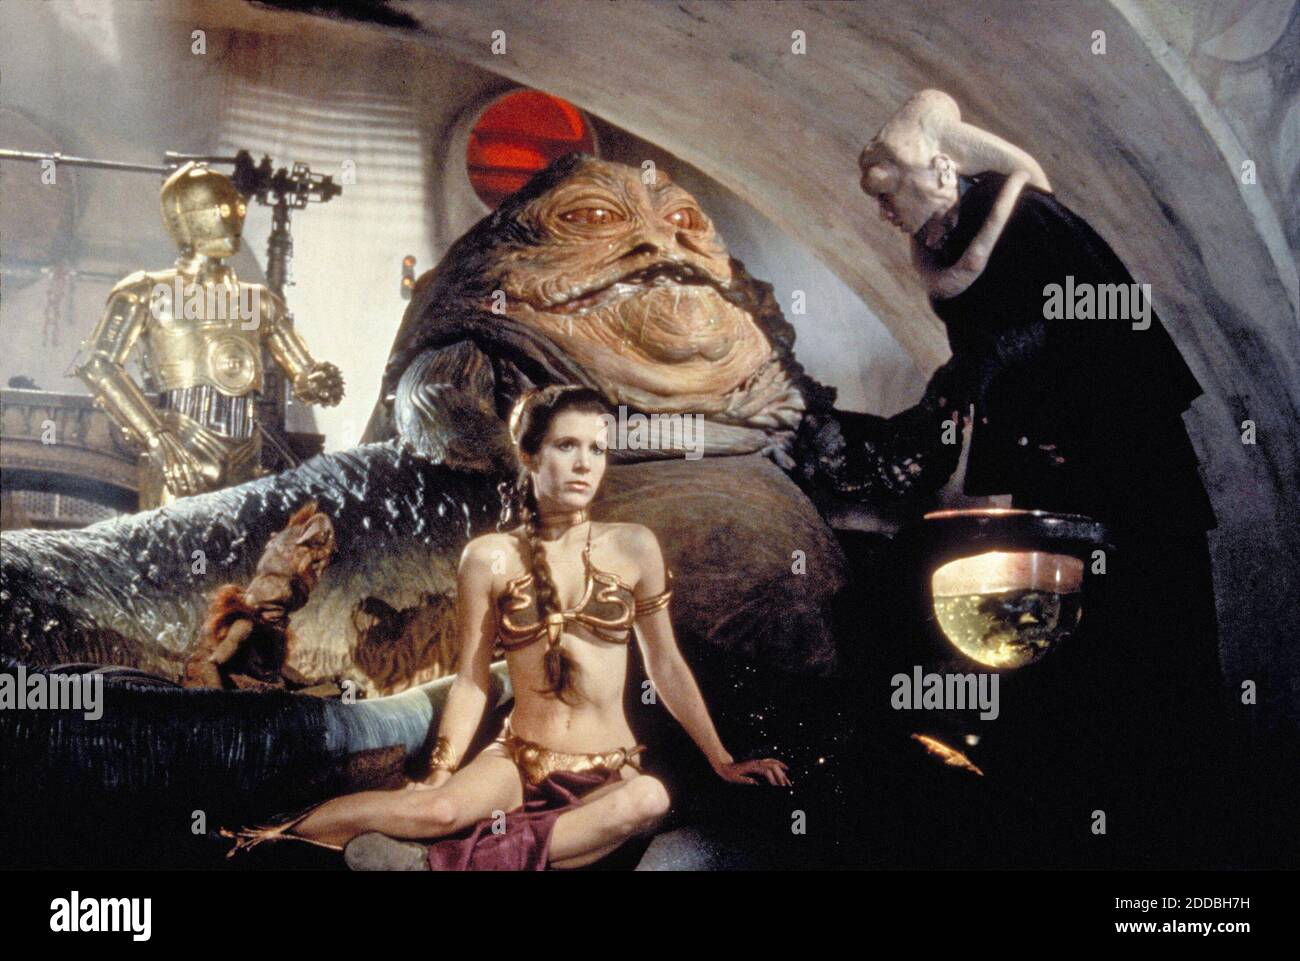 KEIN FILM, KEIN VIDEO, KEIN Fernsehen, KEIN DOKUMENTARFILM - Prinzessin Leia Organa (Carrie Fisher) als Sklavenmädchen in 'Rückkehr der Jedi' im Film Star Wars. Foto von KRT/ABACAPRESS.COM Stockfoto